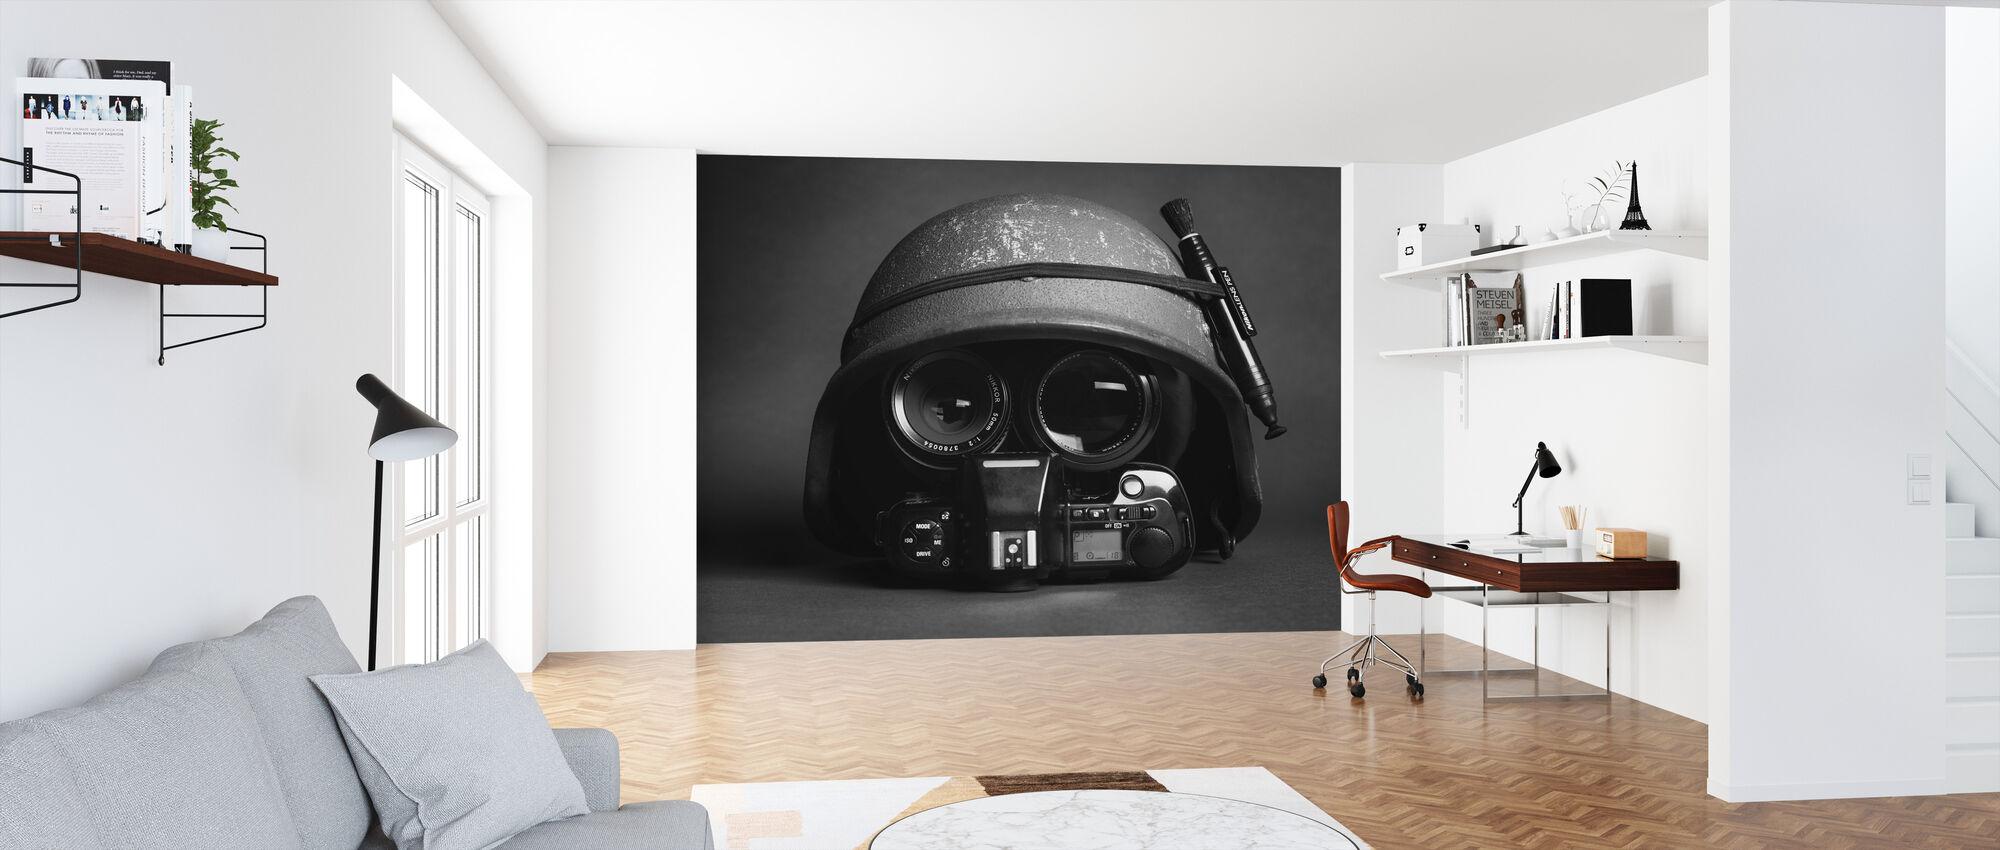 Stay Frosty - Wallpaper - Office